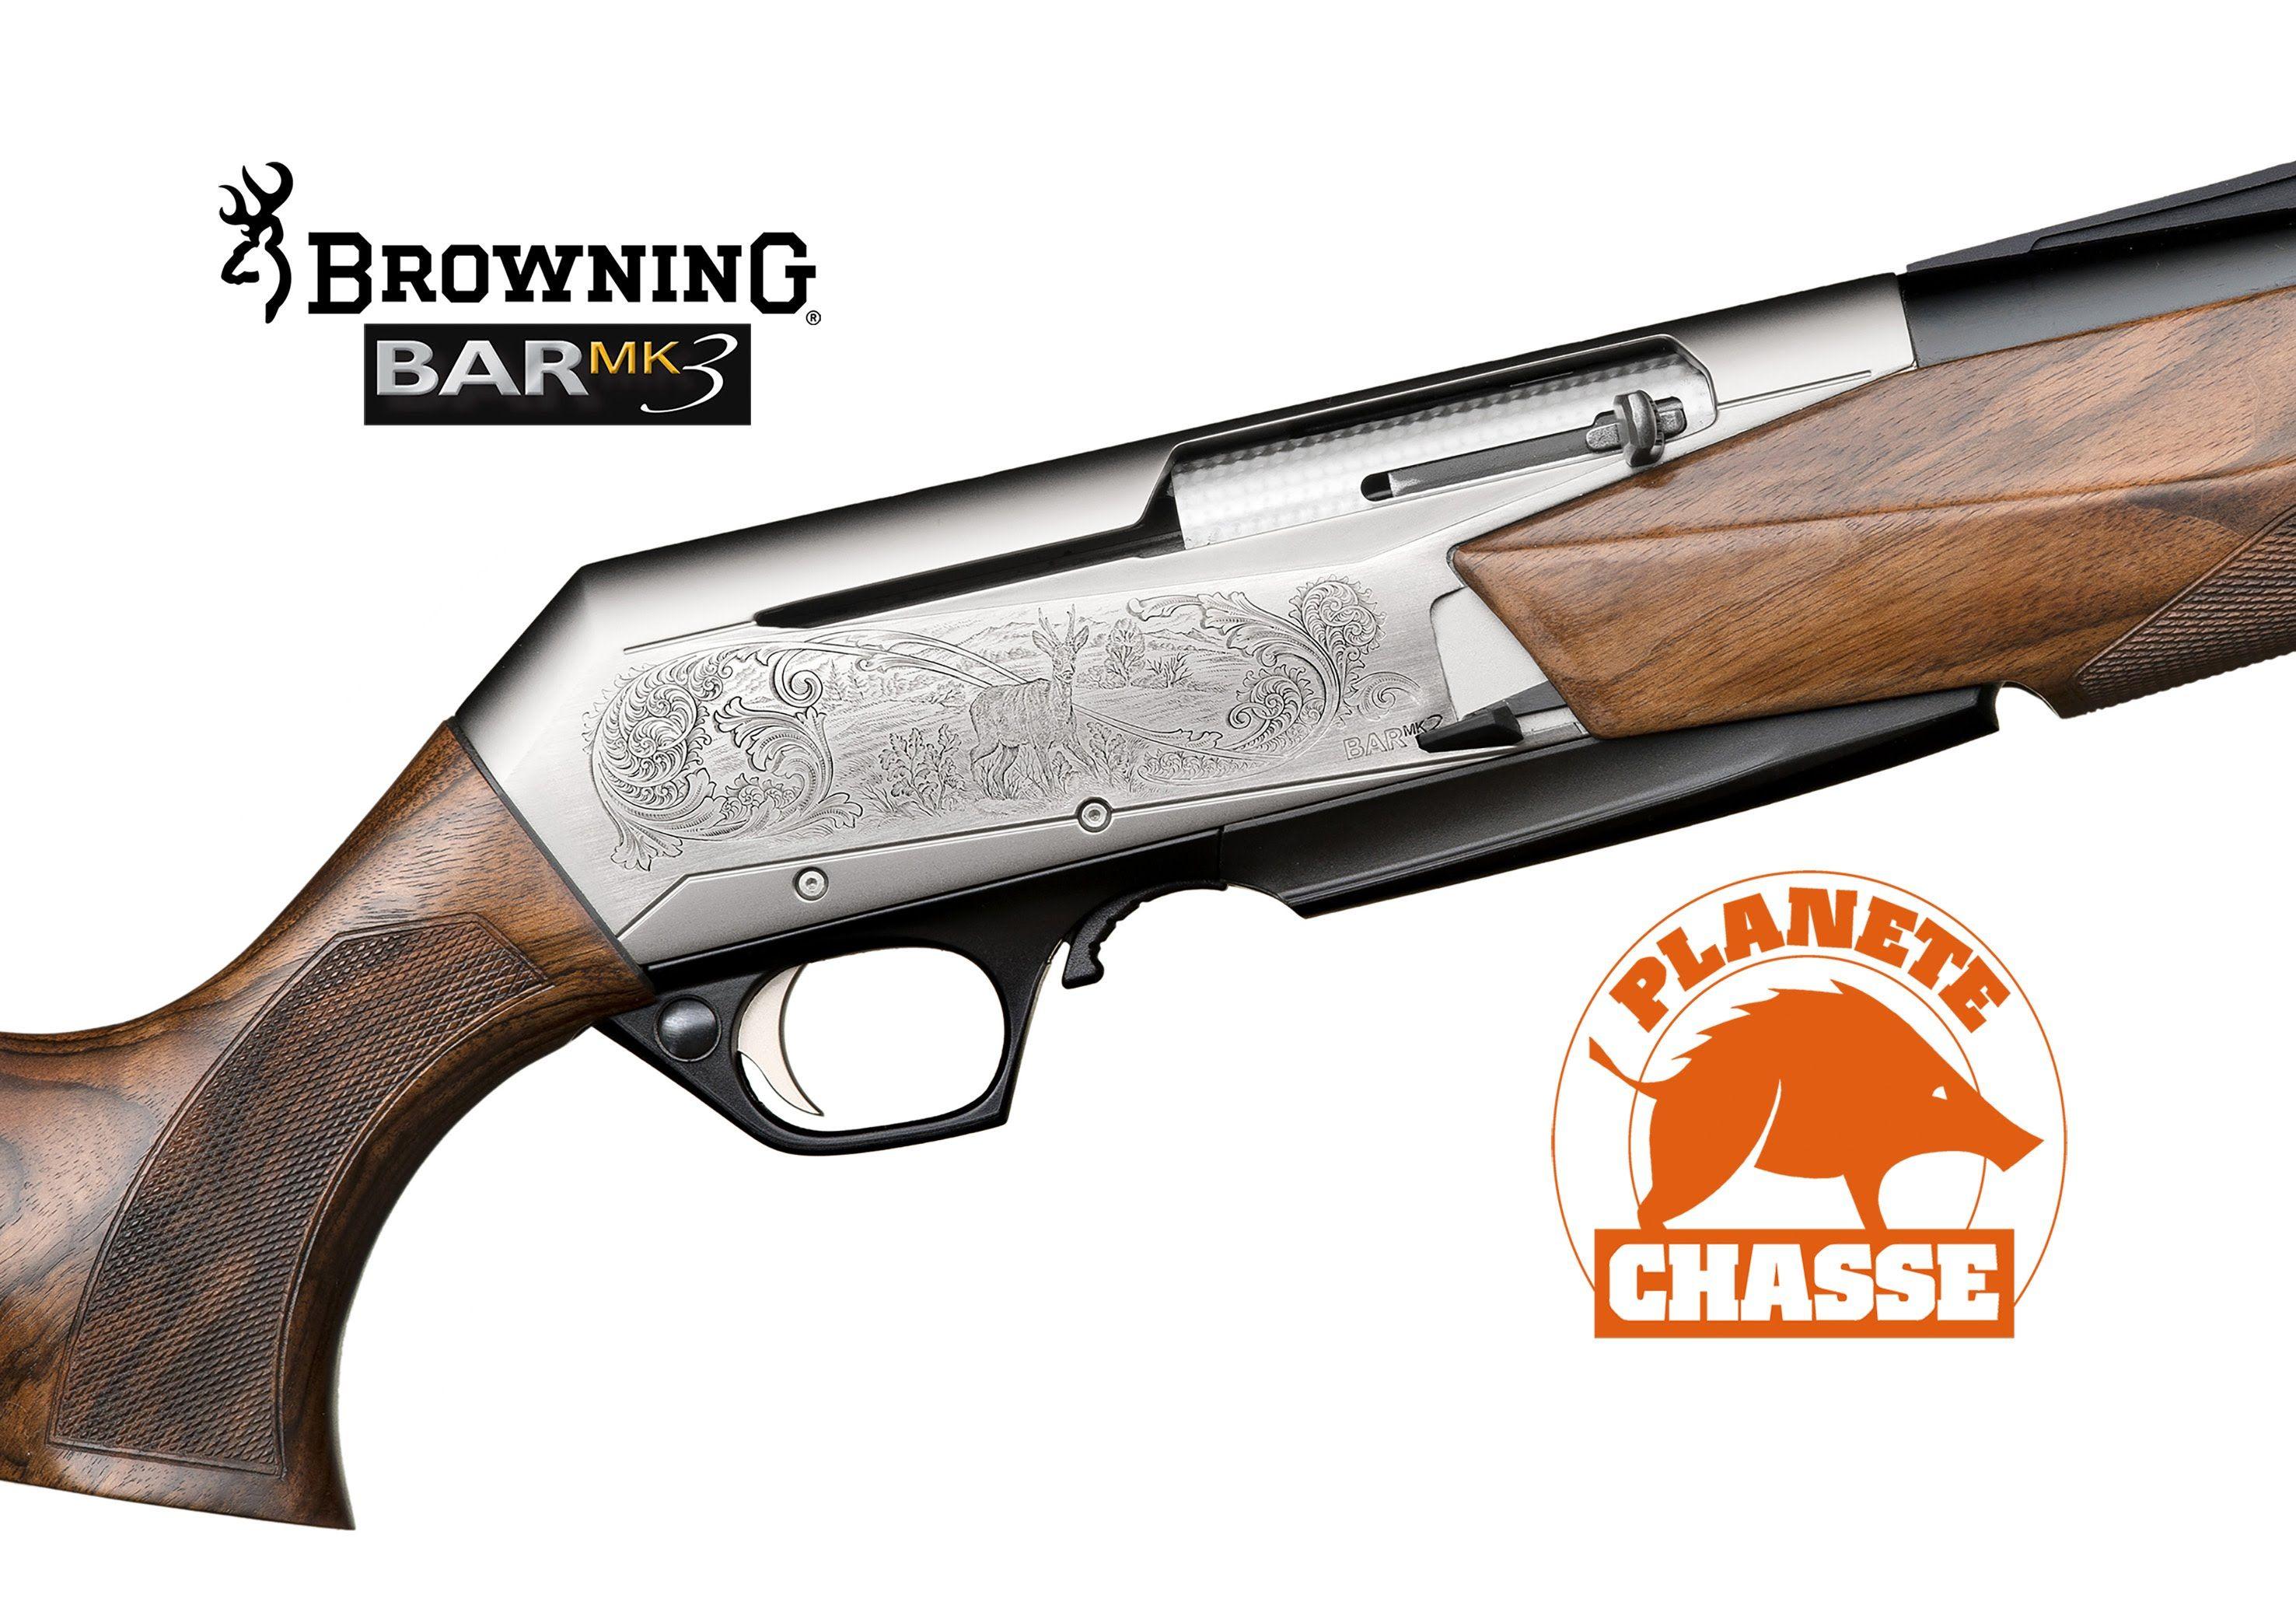 Browning BAR MK3 - YouTube | 2018 Gifts | Browning bar, Bar